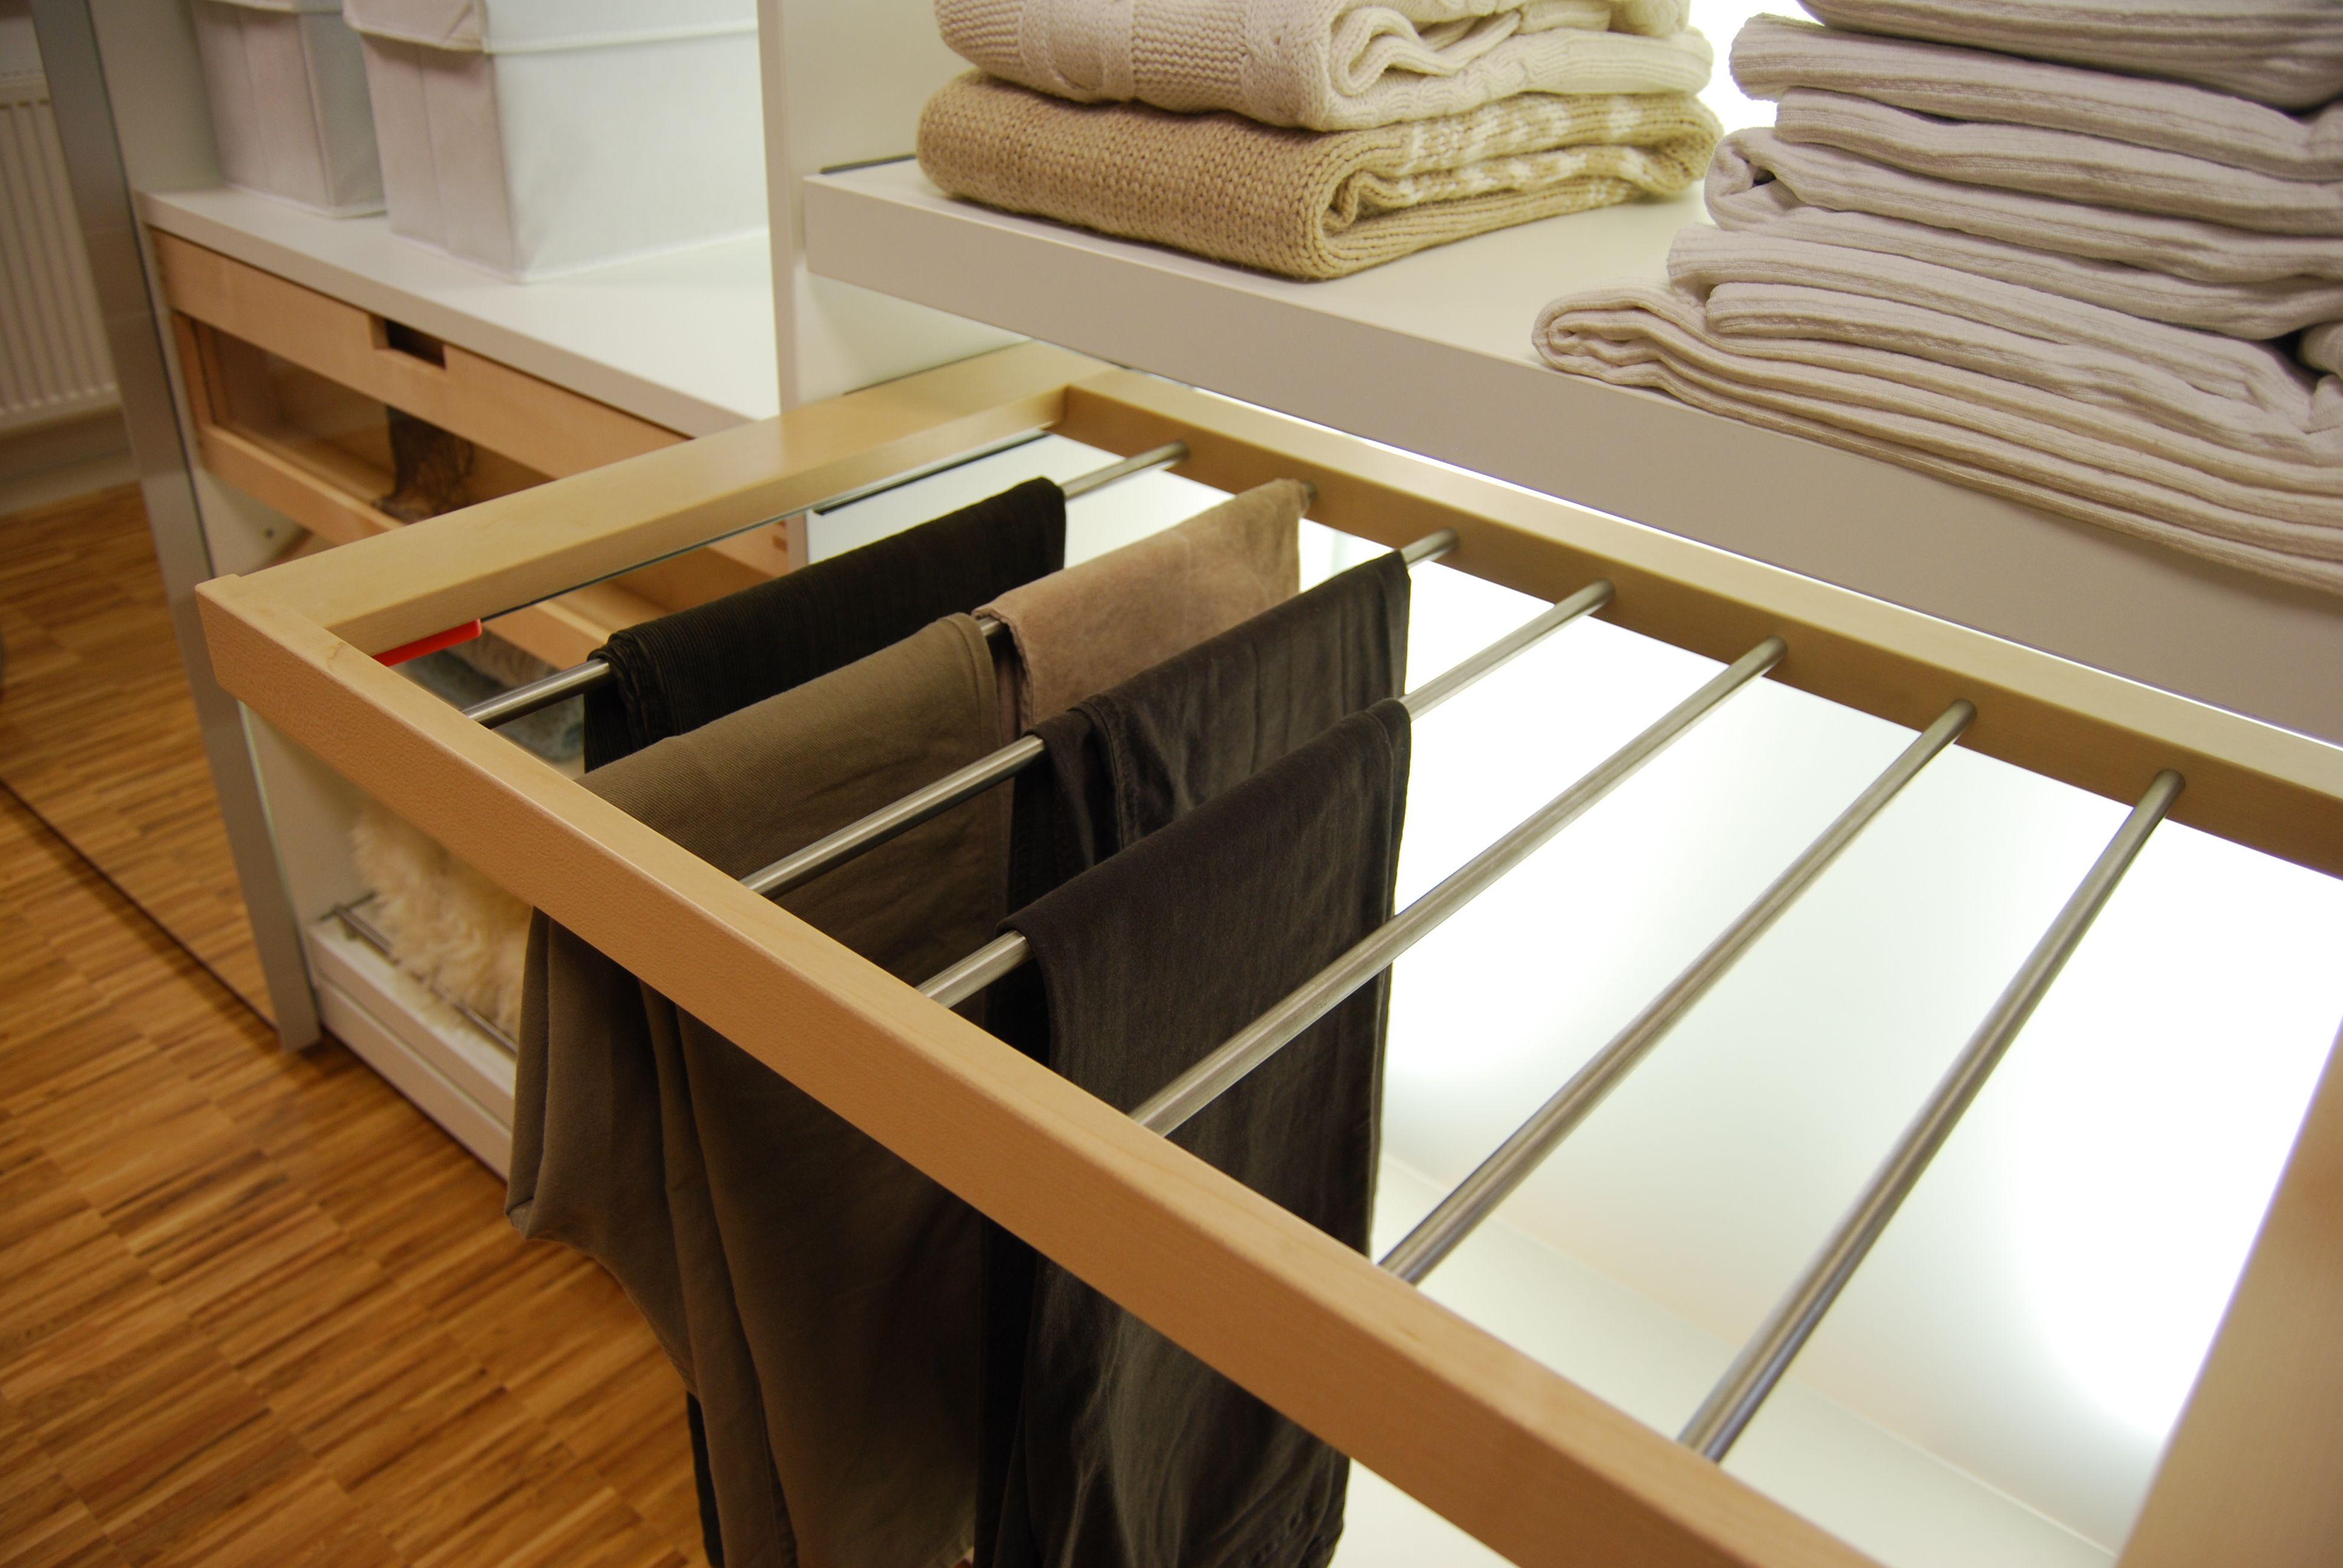 schrankdetail zur aufbewahrung von hosen aufbewahrungs systeme pinterest waschk che. Black Bedroom Furniture Sets. Home Design Ideas